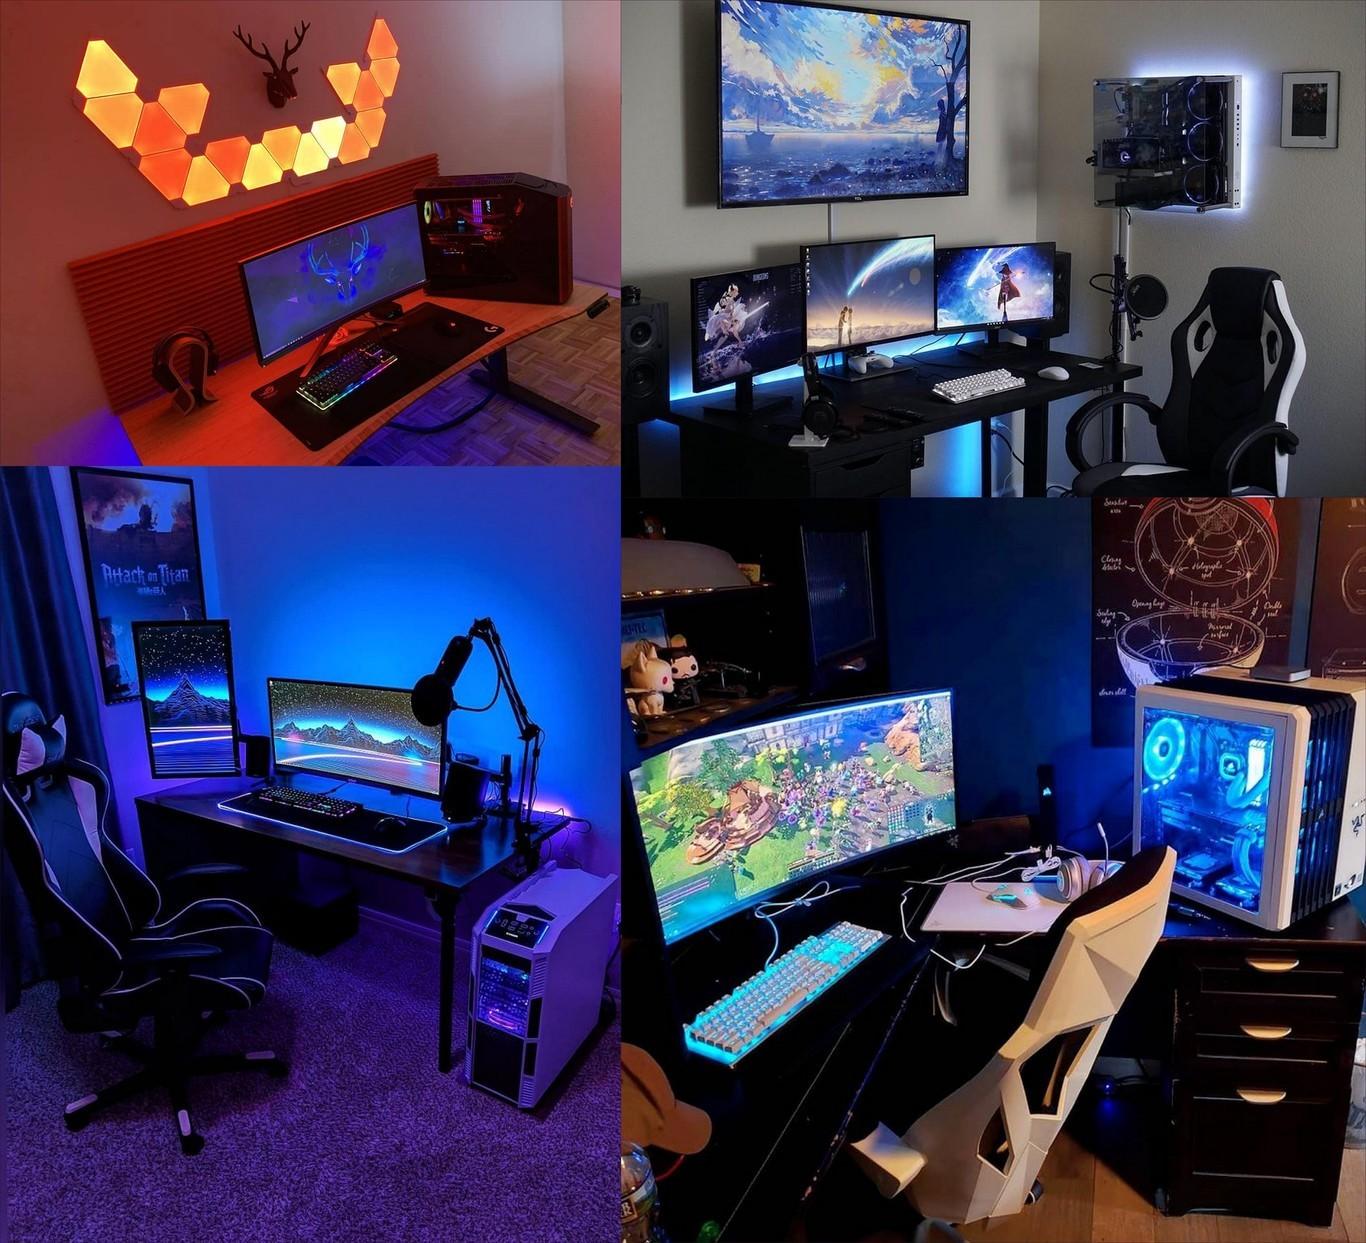 OMEN torre gaming